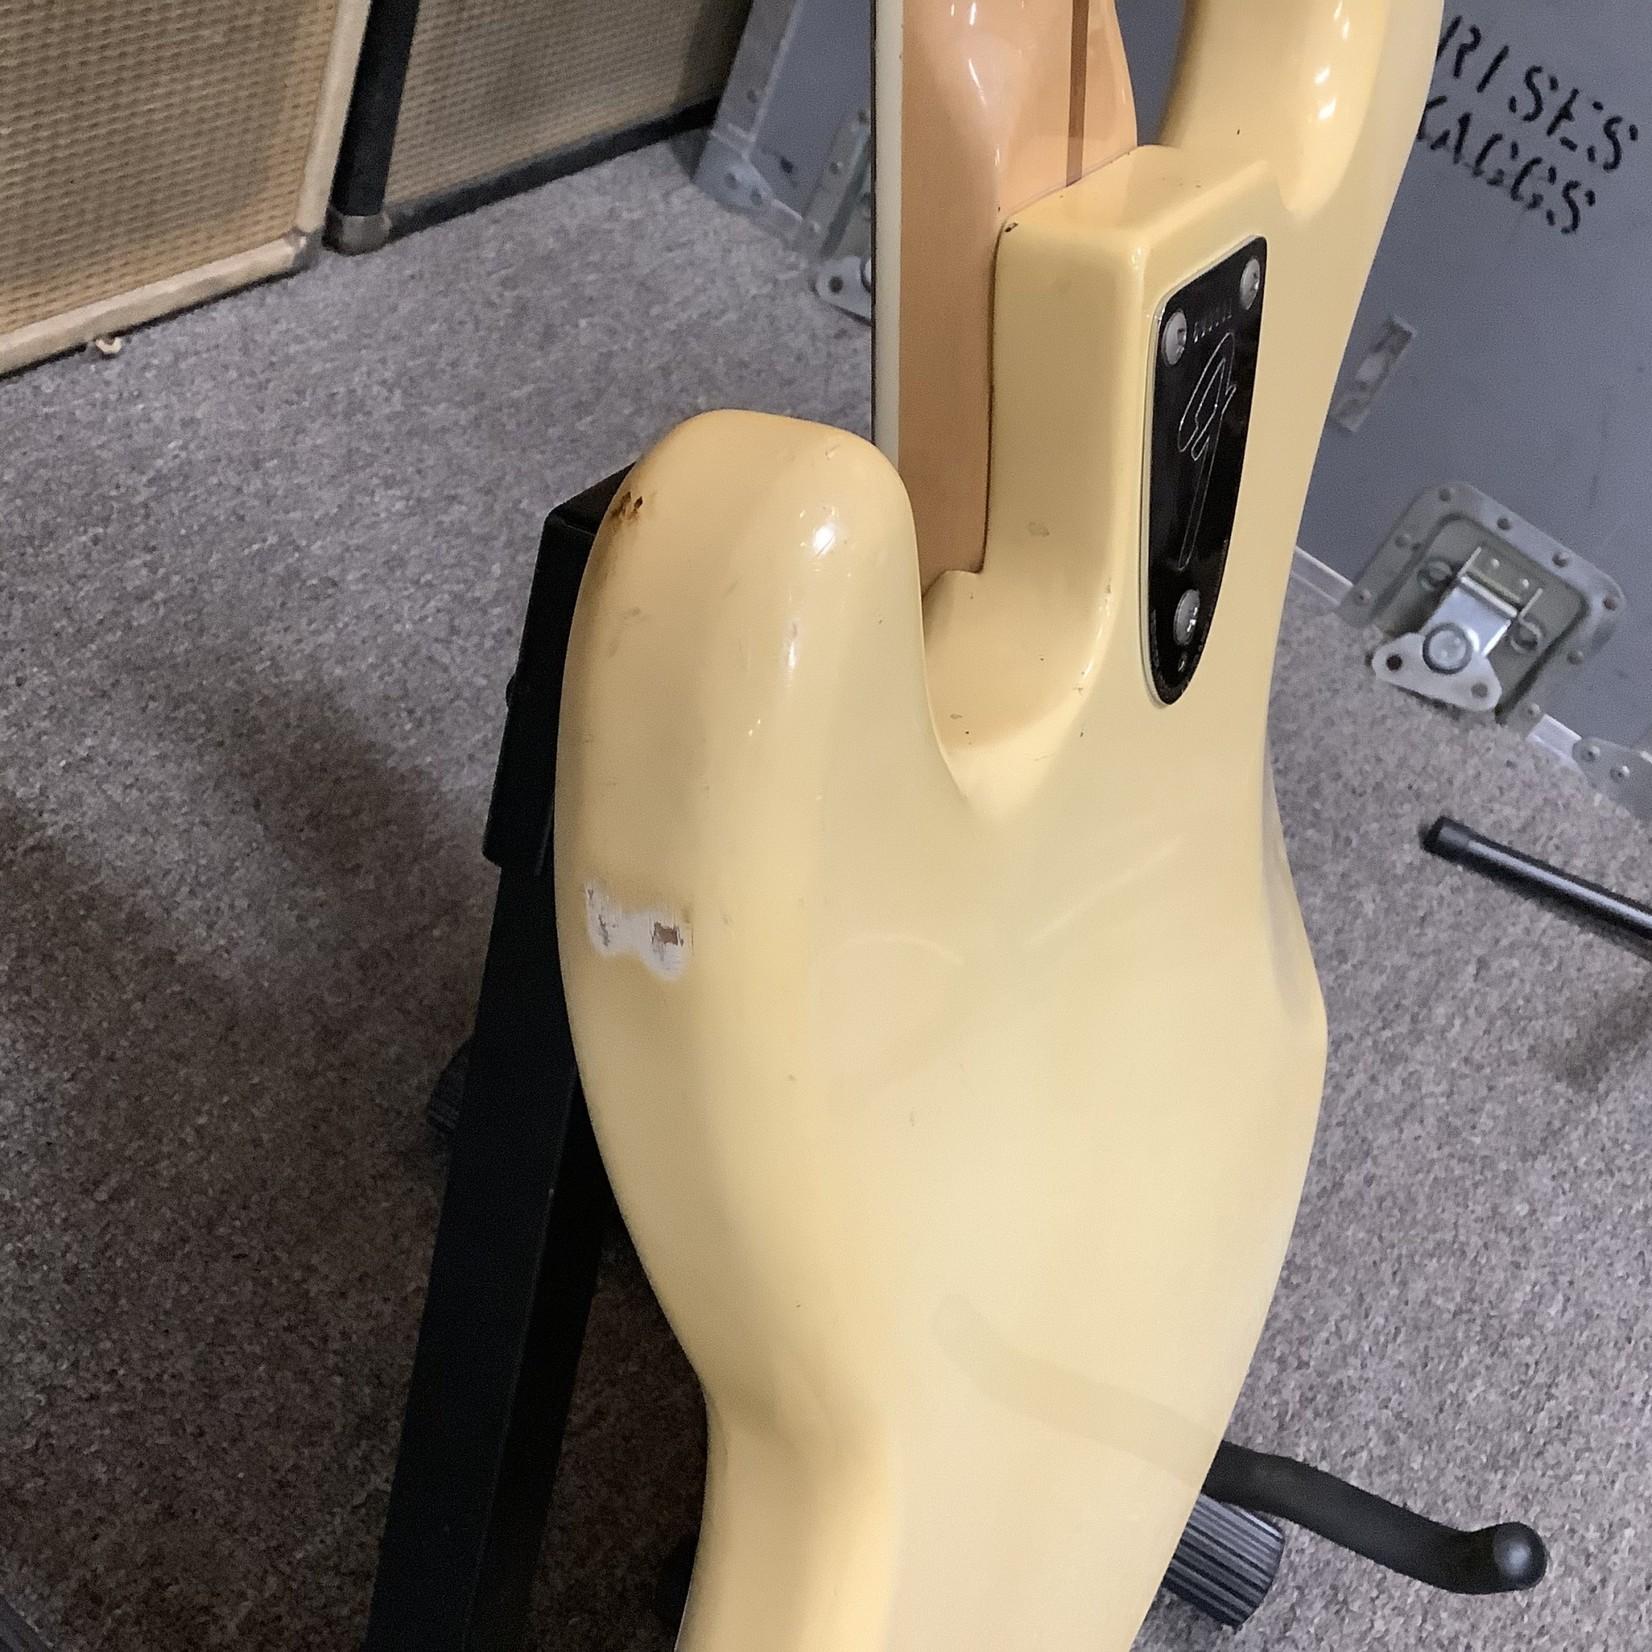 Fender 1976 Fender Jazz Bass Blonde Maple Neck White Block Inlays